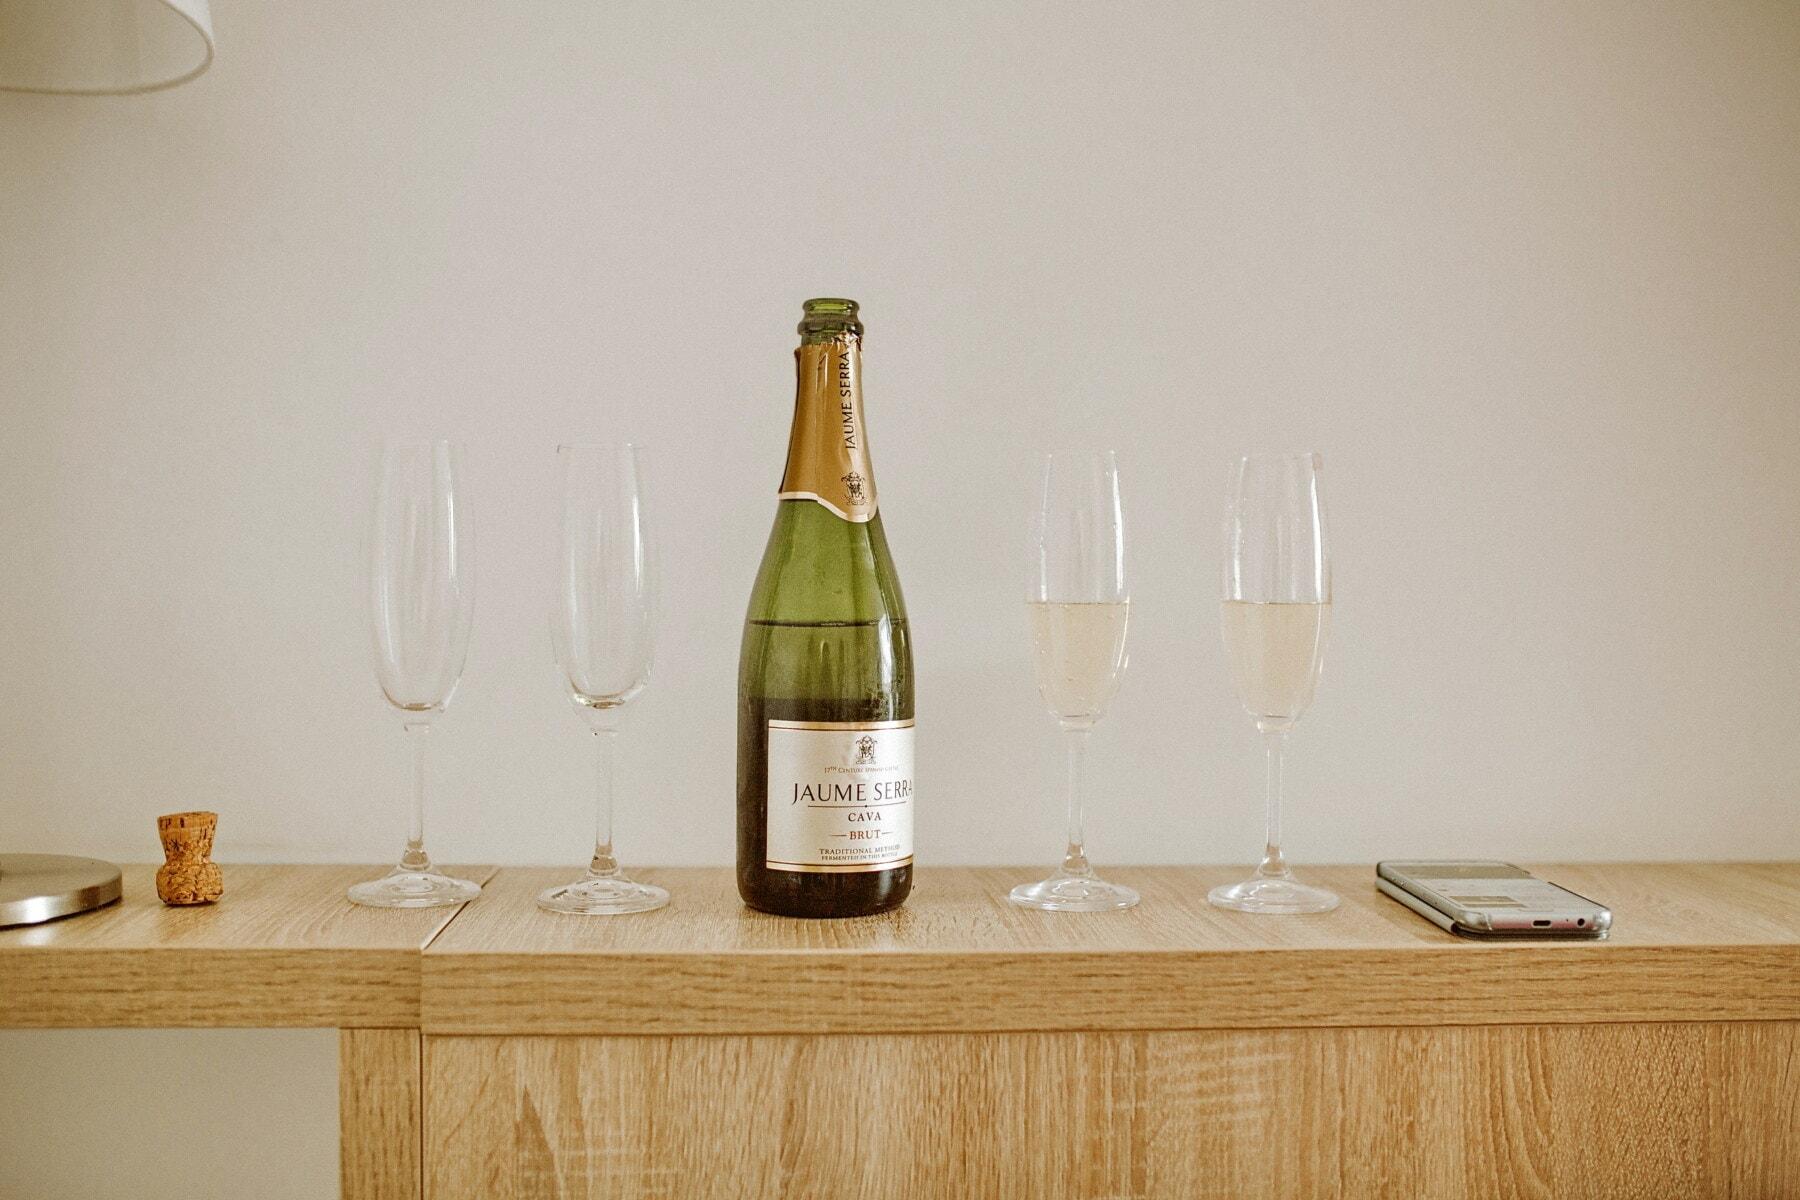 champagner, Weißwein, Flasche, Glaswaren, Mobiltelefon, Schreibtisch, Büro, Wein, Alkohol, Trinken